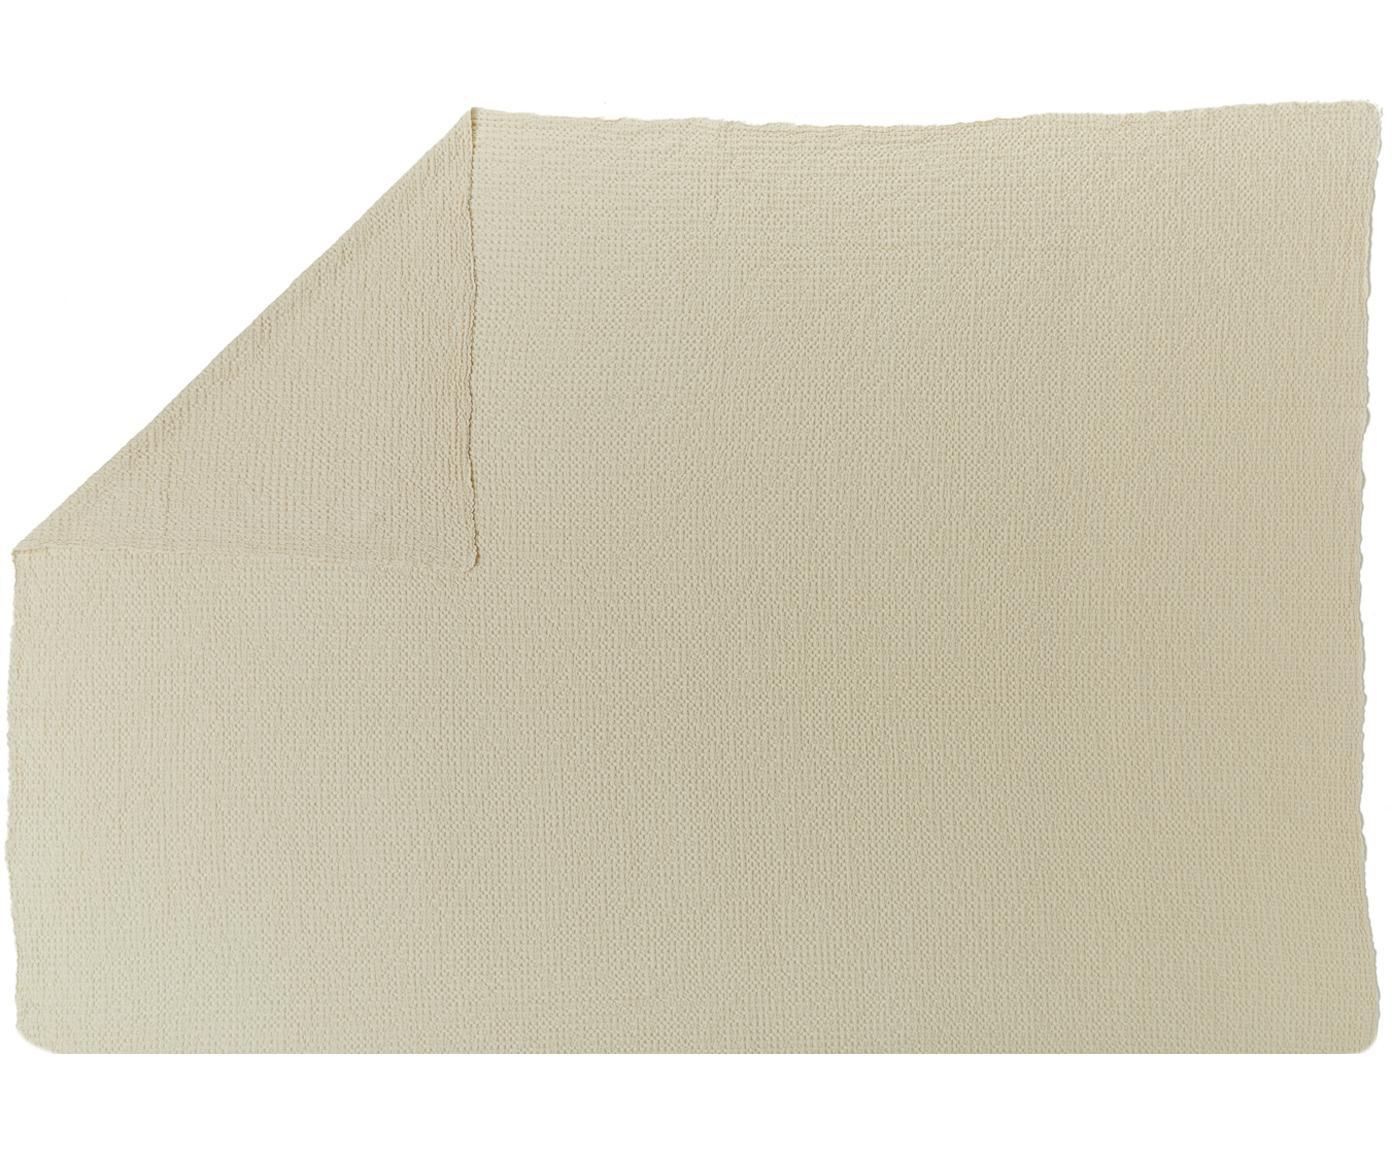 Narzuta ze strukturalną powierzchnią Vigo, 100% bawełna, Biały, S 220 x D 240 cm